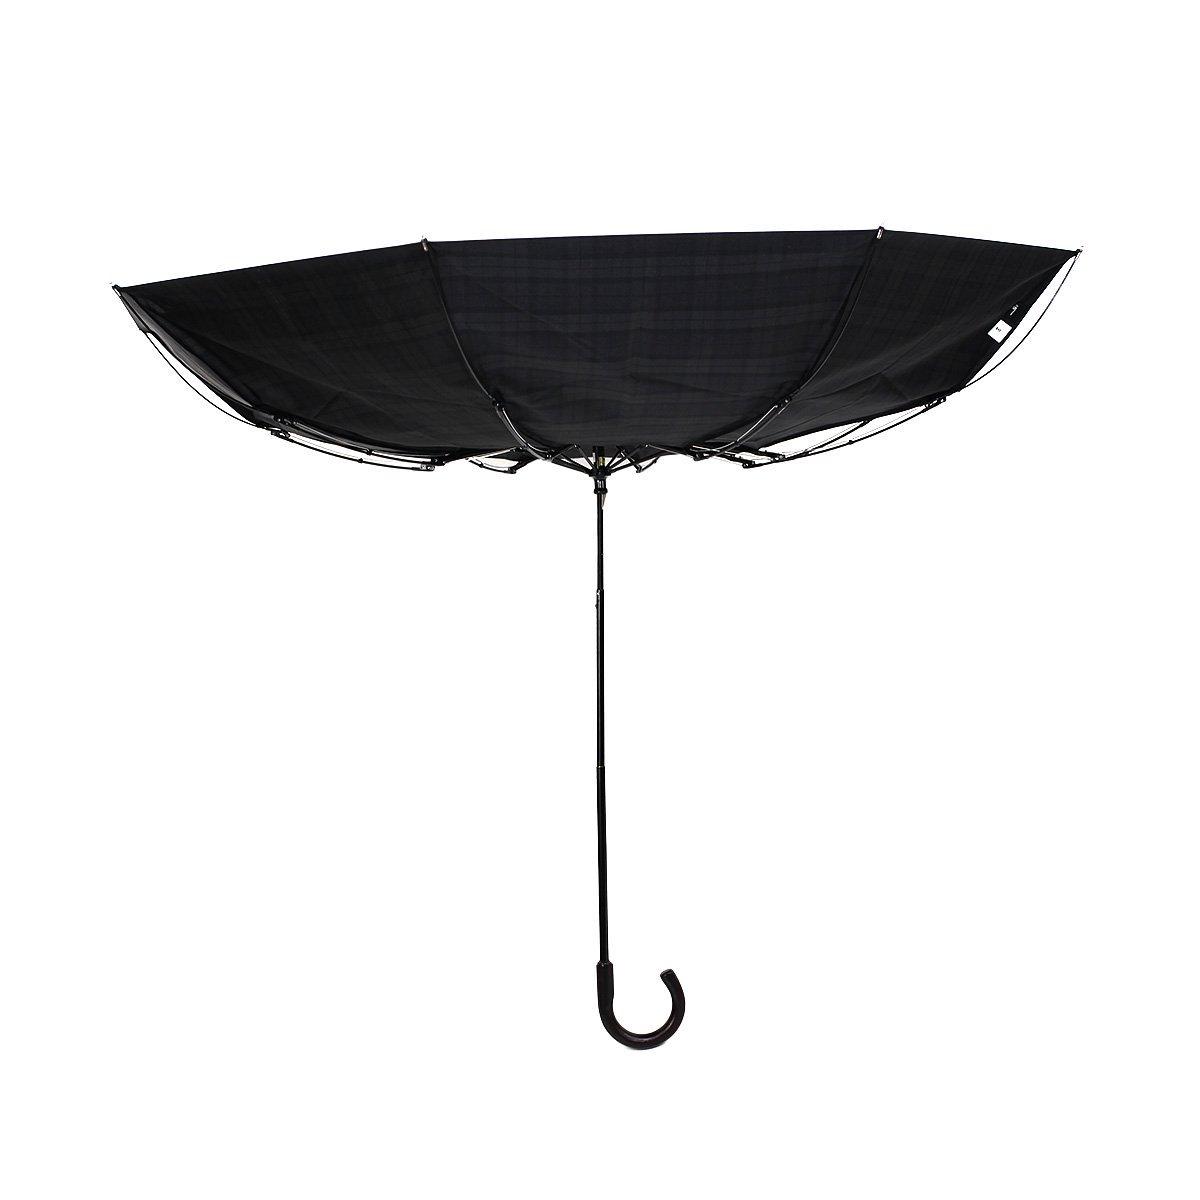 【公式限定】ワイドストライプ 耐風骨 折りたたみ傘 詳細画像10